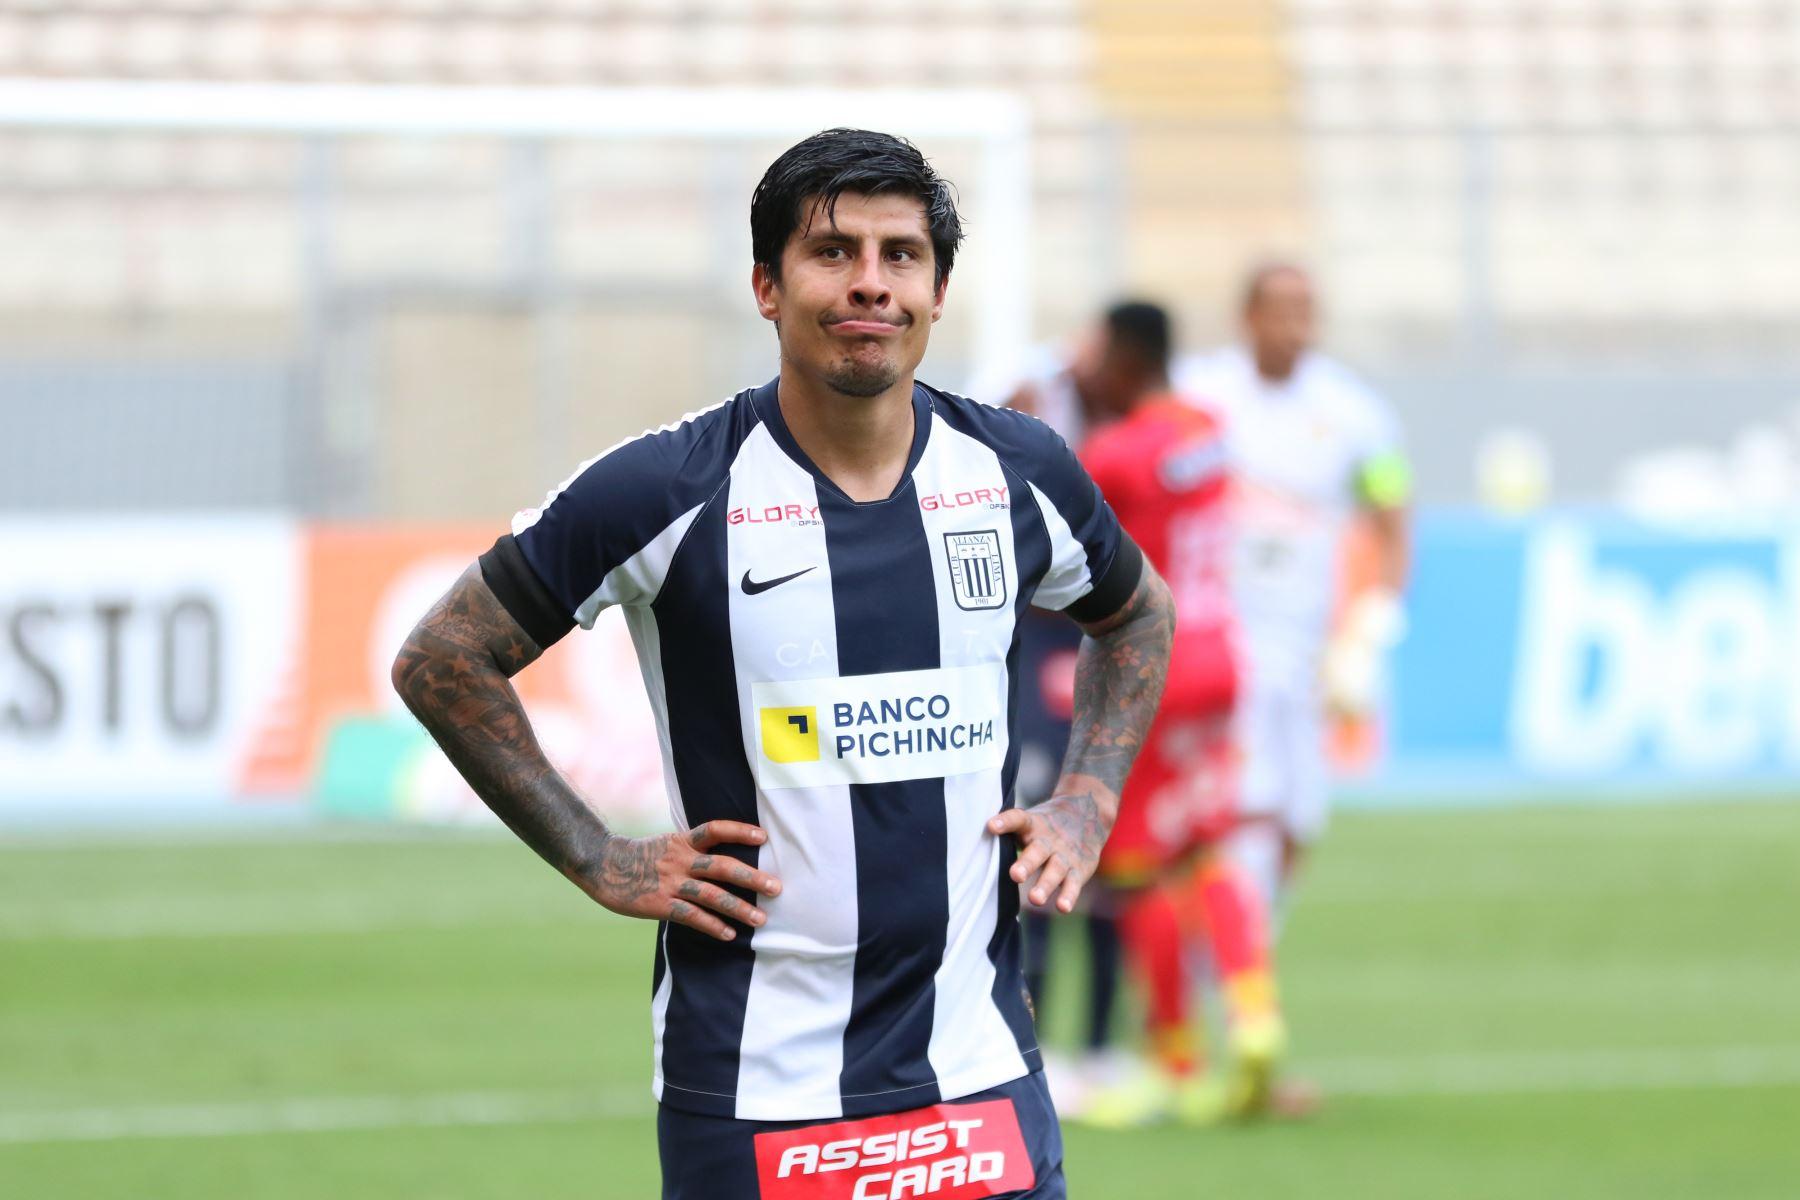 El jugador Patricio Rubio de Alianza Lima sufre la derrota ante Sport Huancayo en el Estadio Nacional, donde Alianza perdió la categoría al quedar en el puesto 18 del torneo. Foto: @LigaFutProf